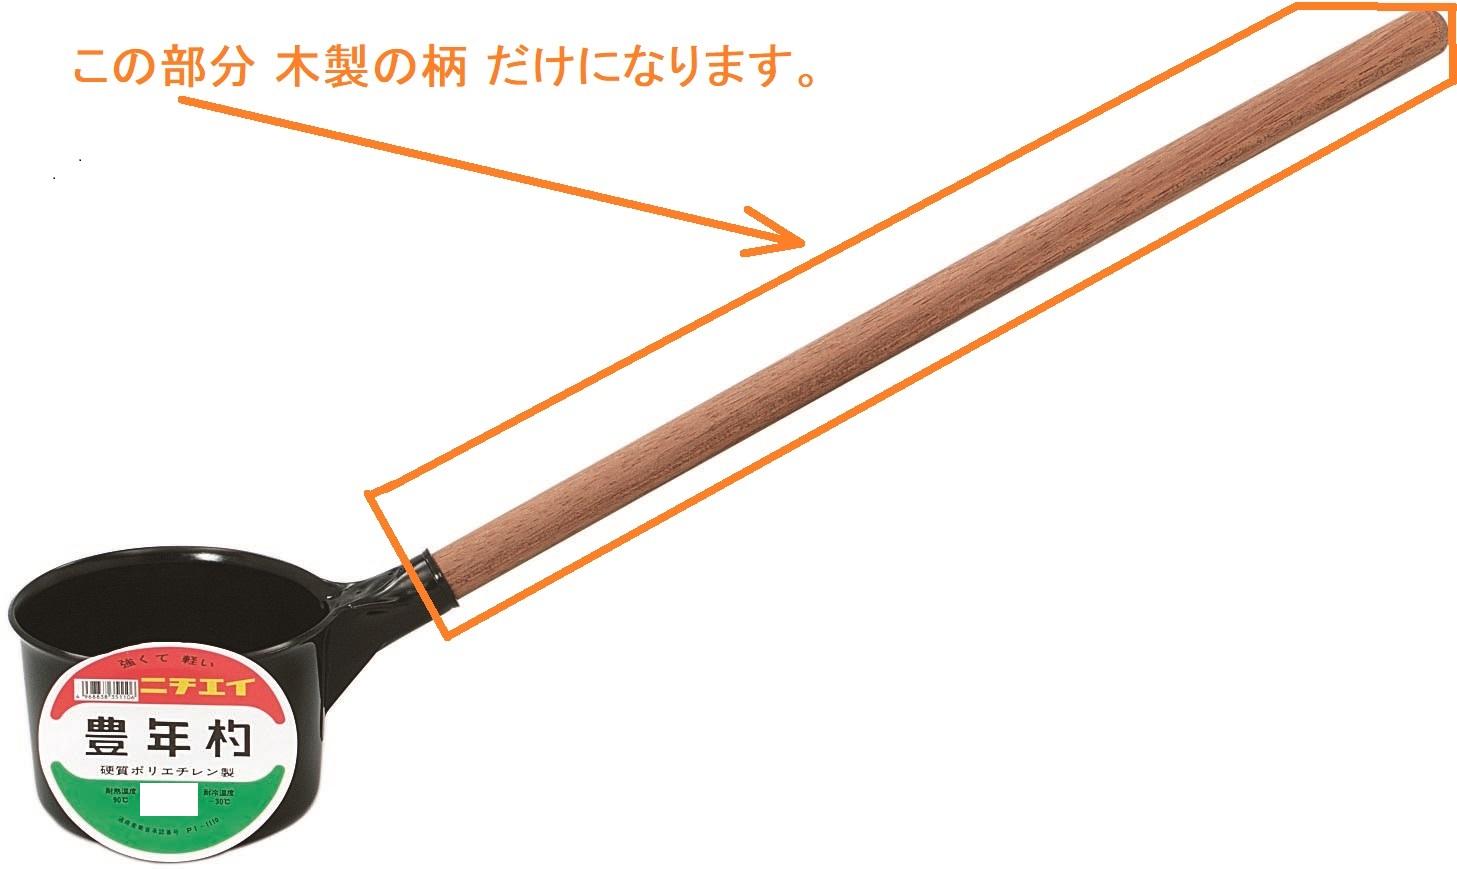 豊年杓 #2.7L、#3.6L用 専用 柄(木製)